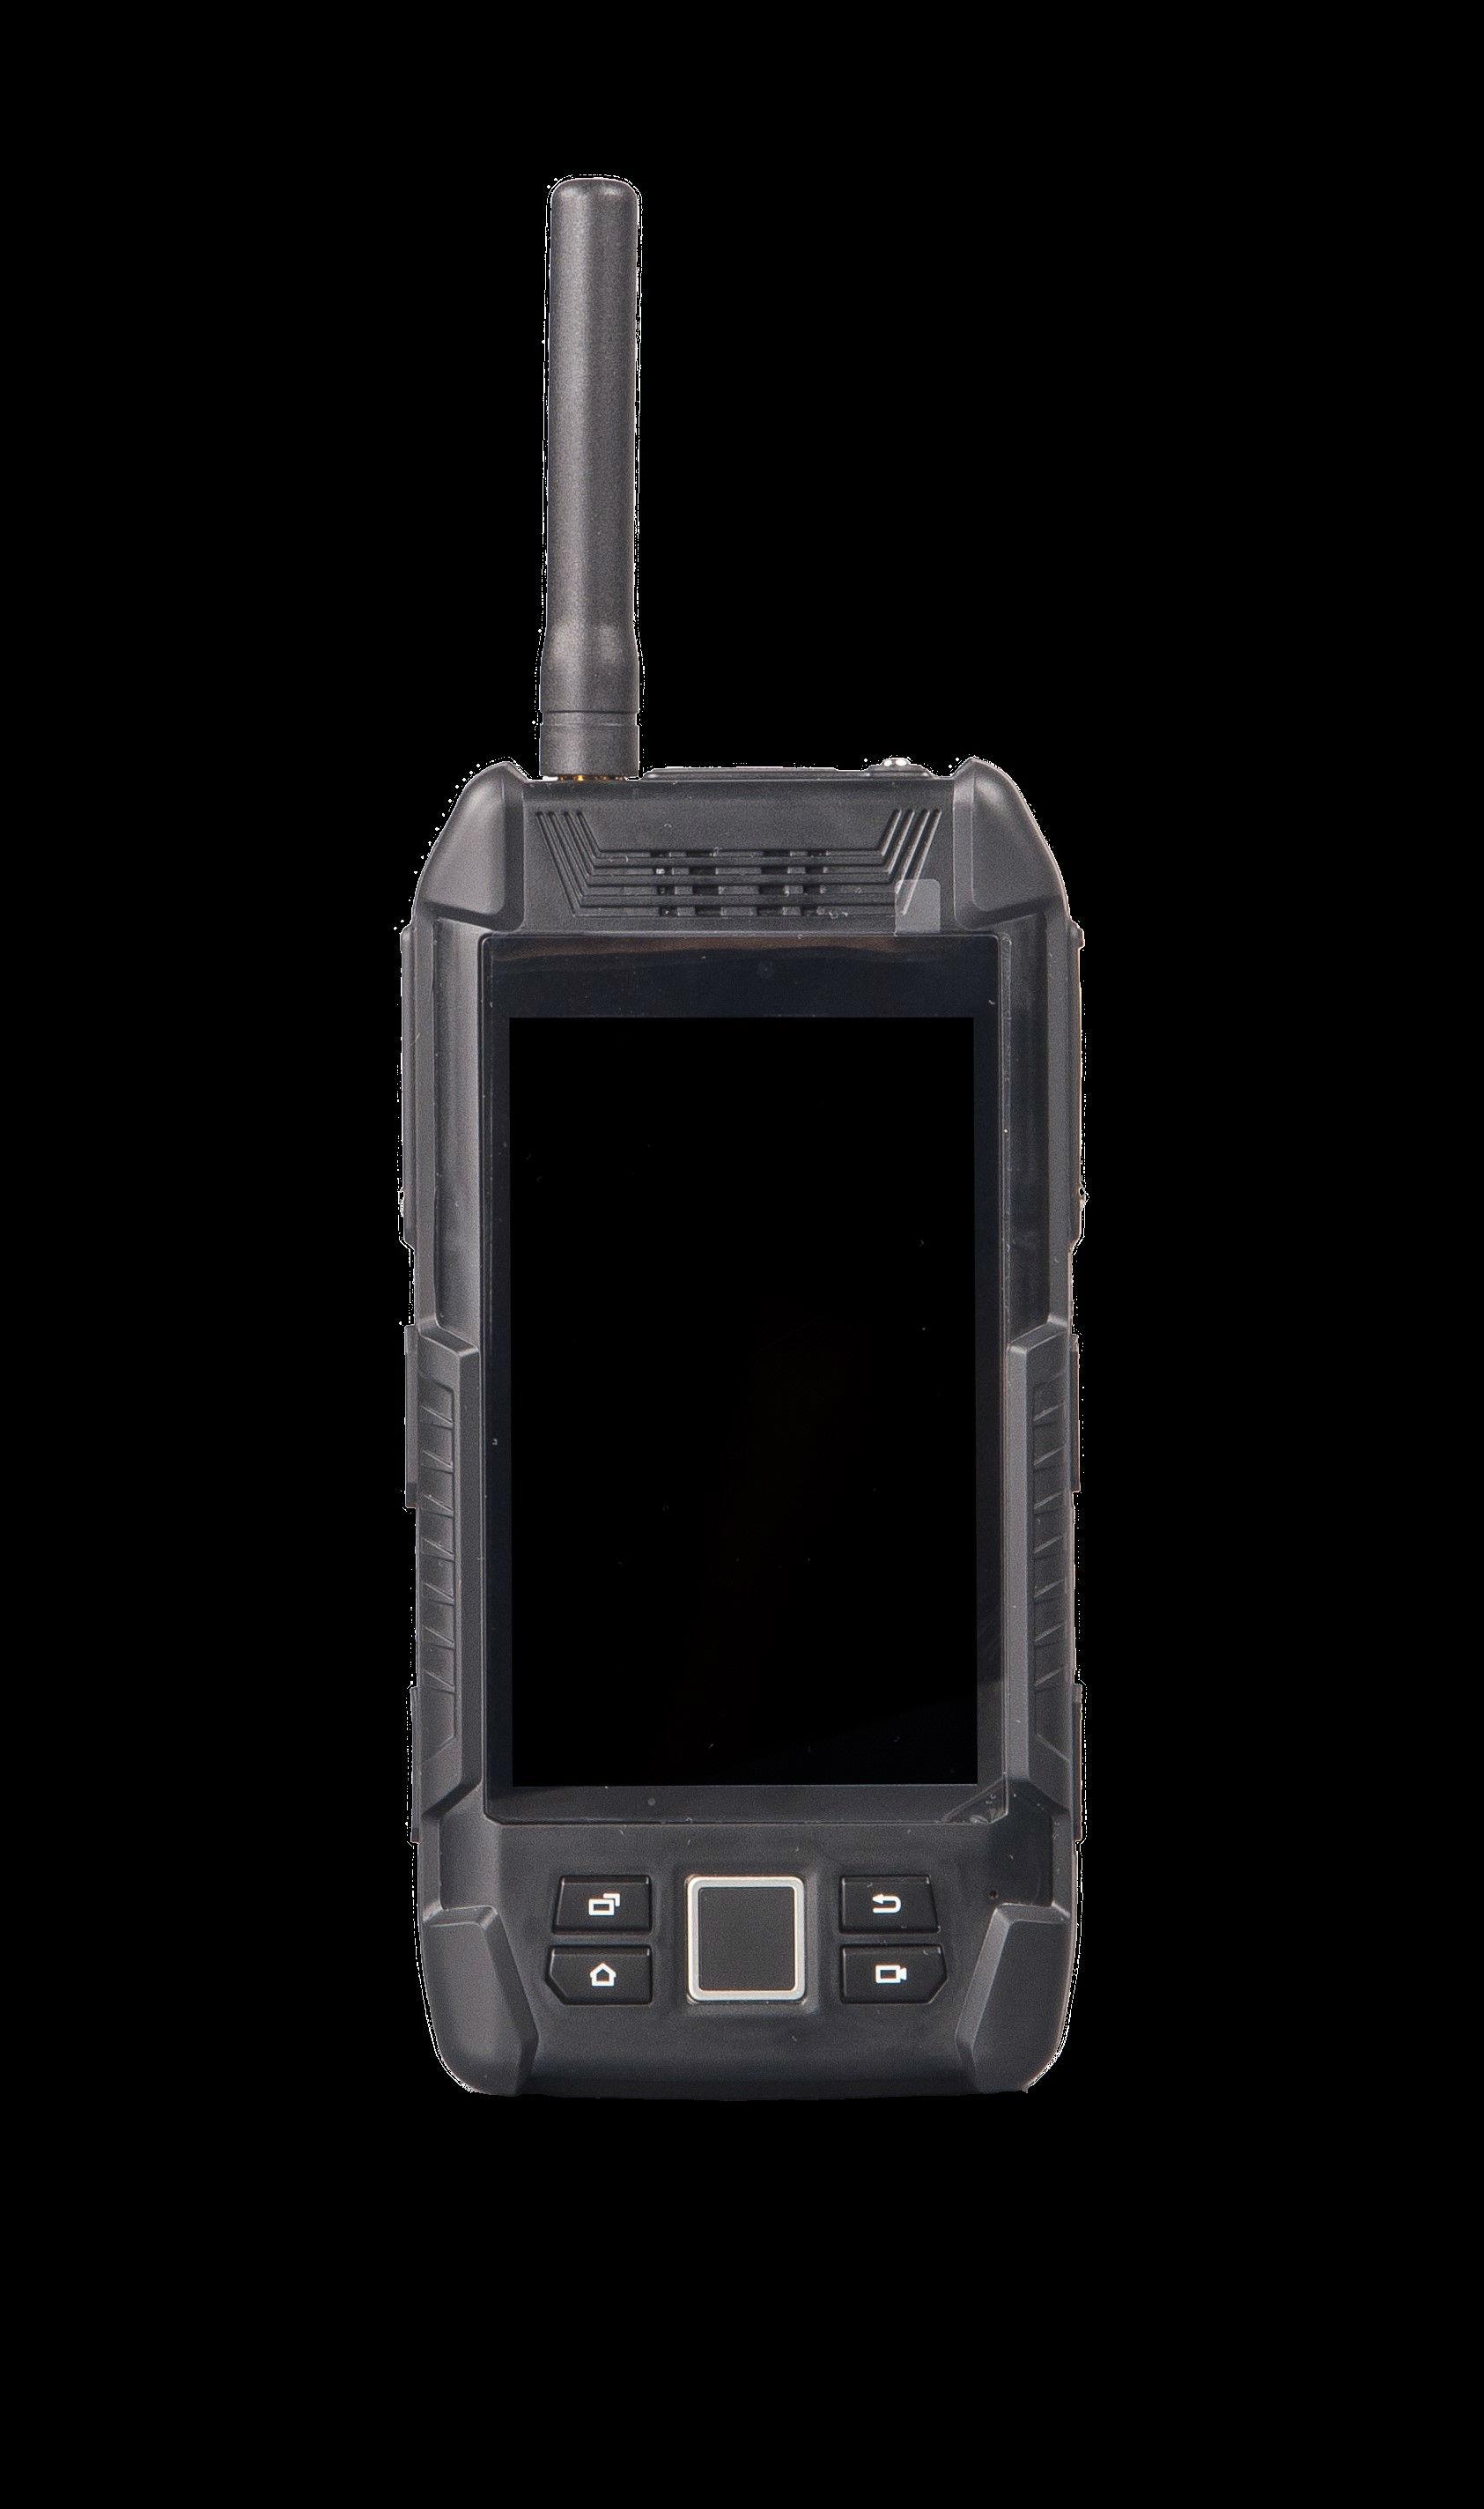 手持4G单兵无线传输